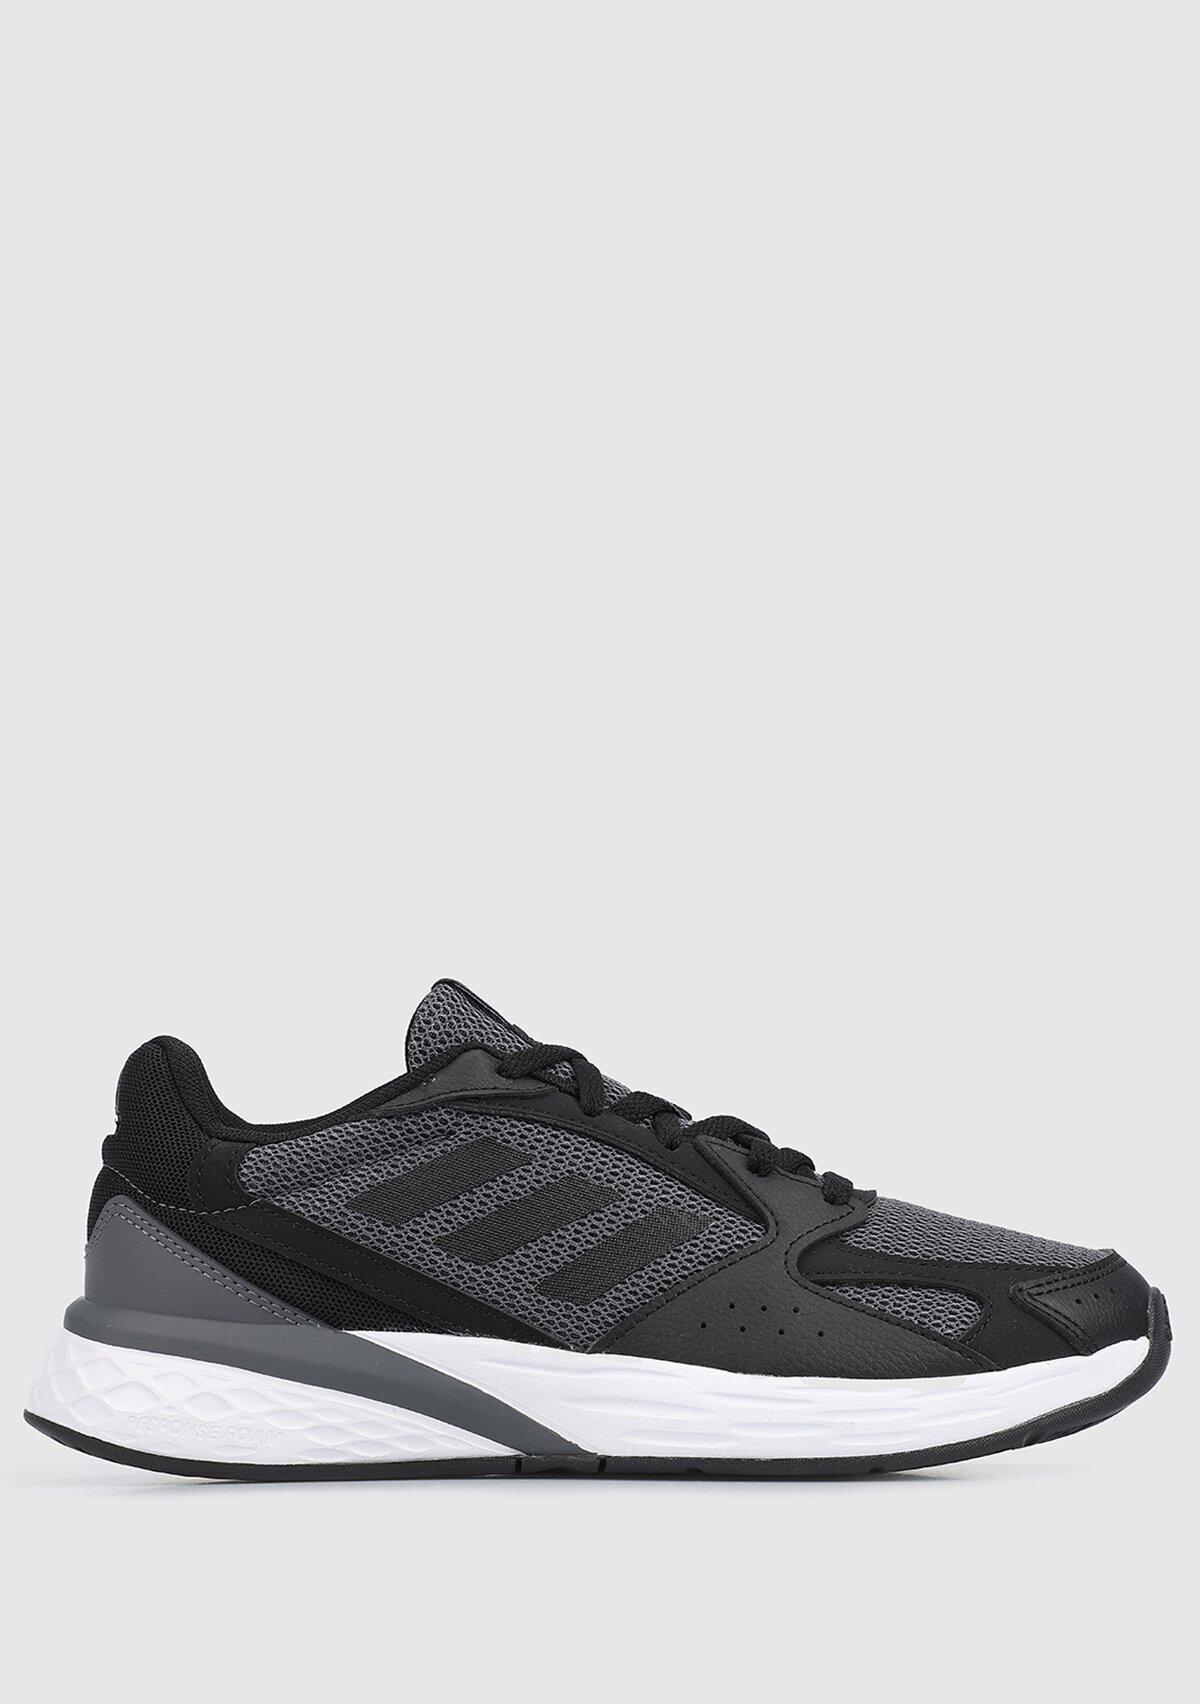 resm Response Run Siyah Kadın Koşu Ayakkabısı FY9587